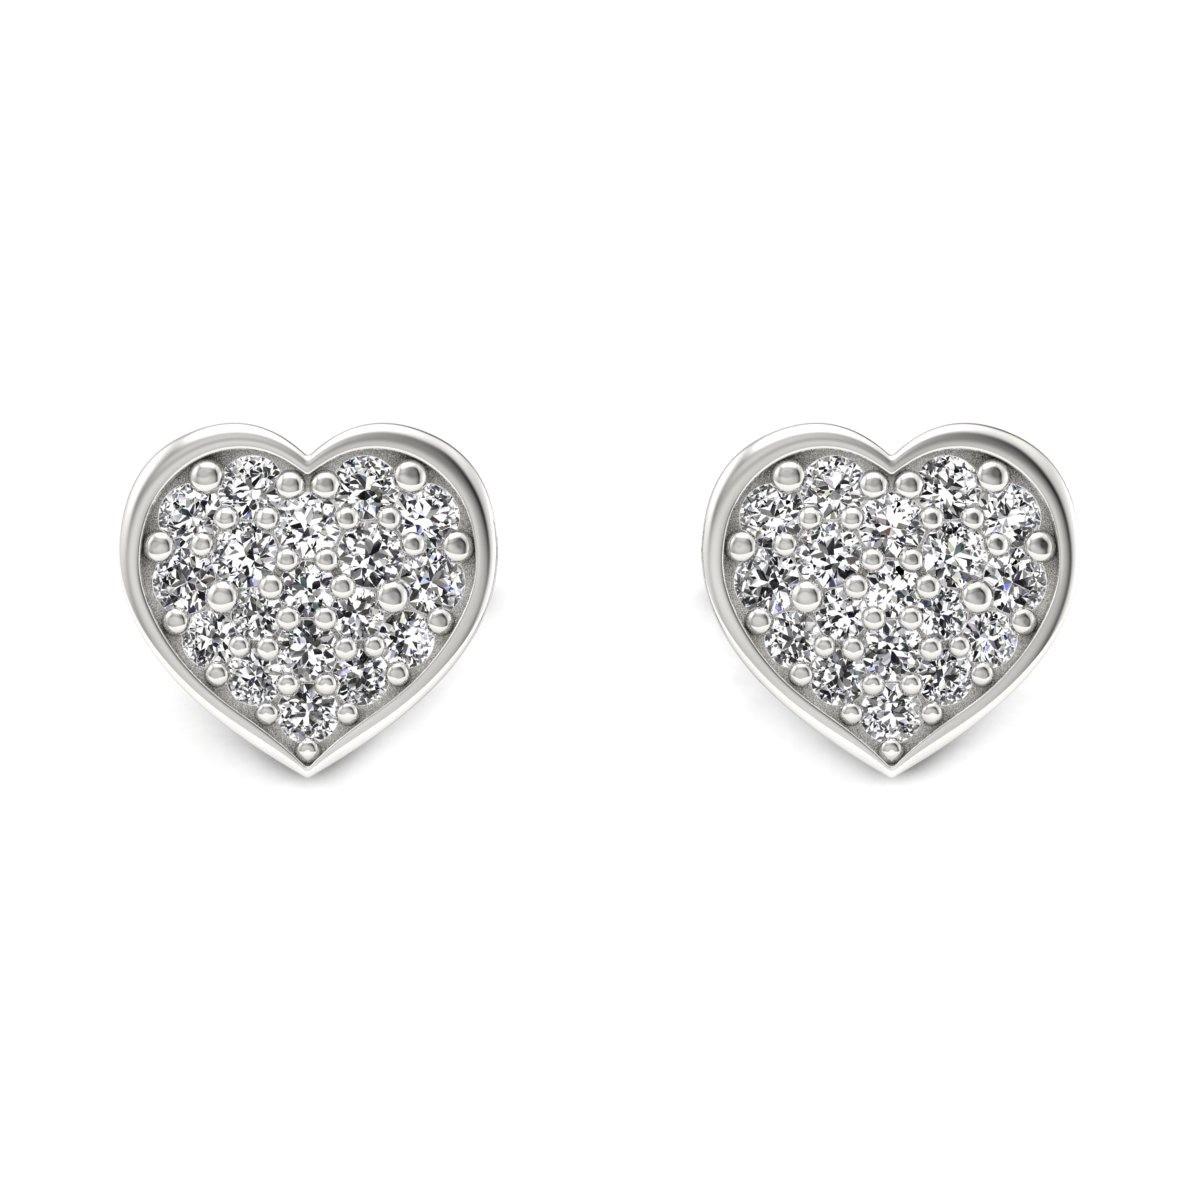 Heart - Kolczyki z diamentami